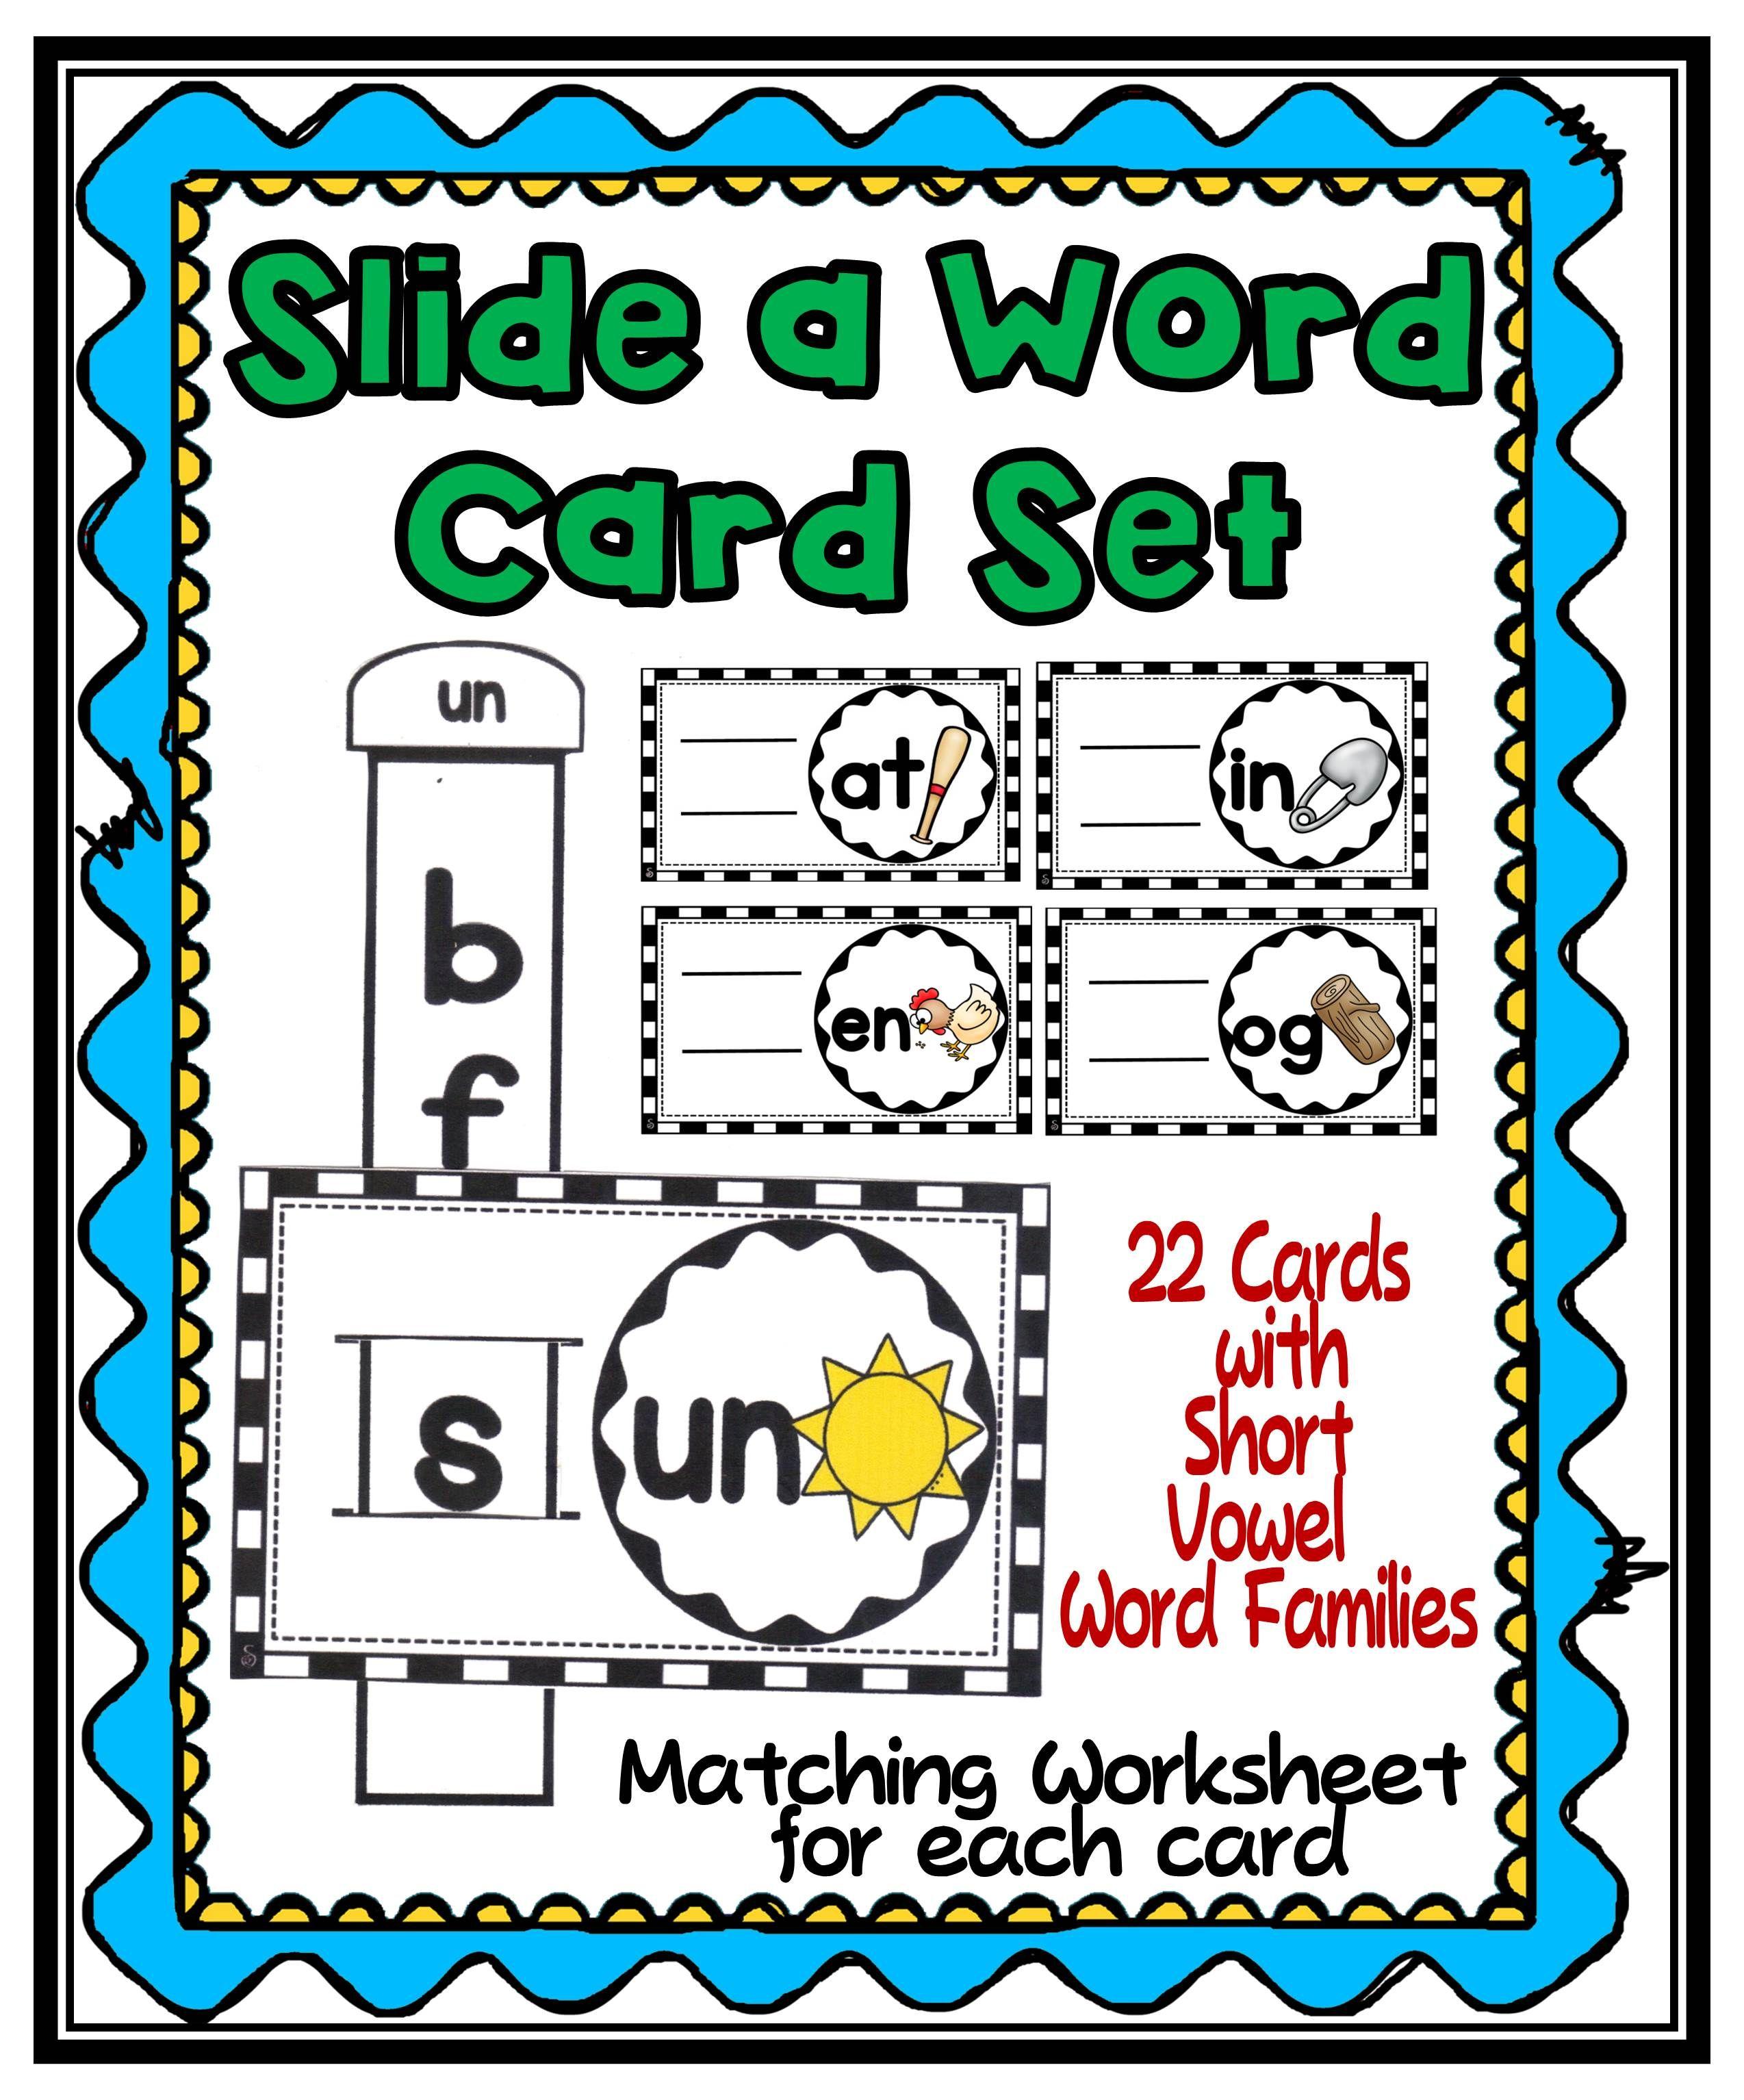 Slide A Word Short Vowels Family Set